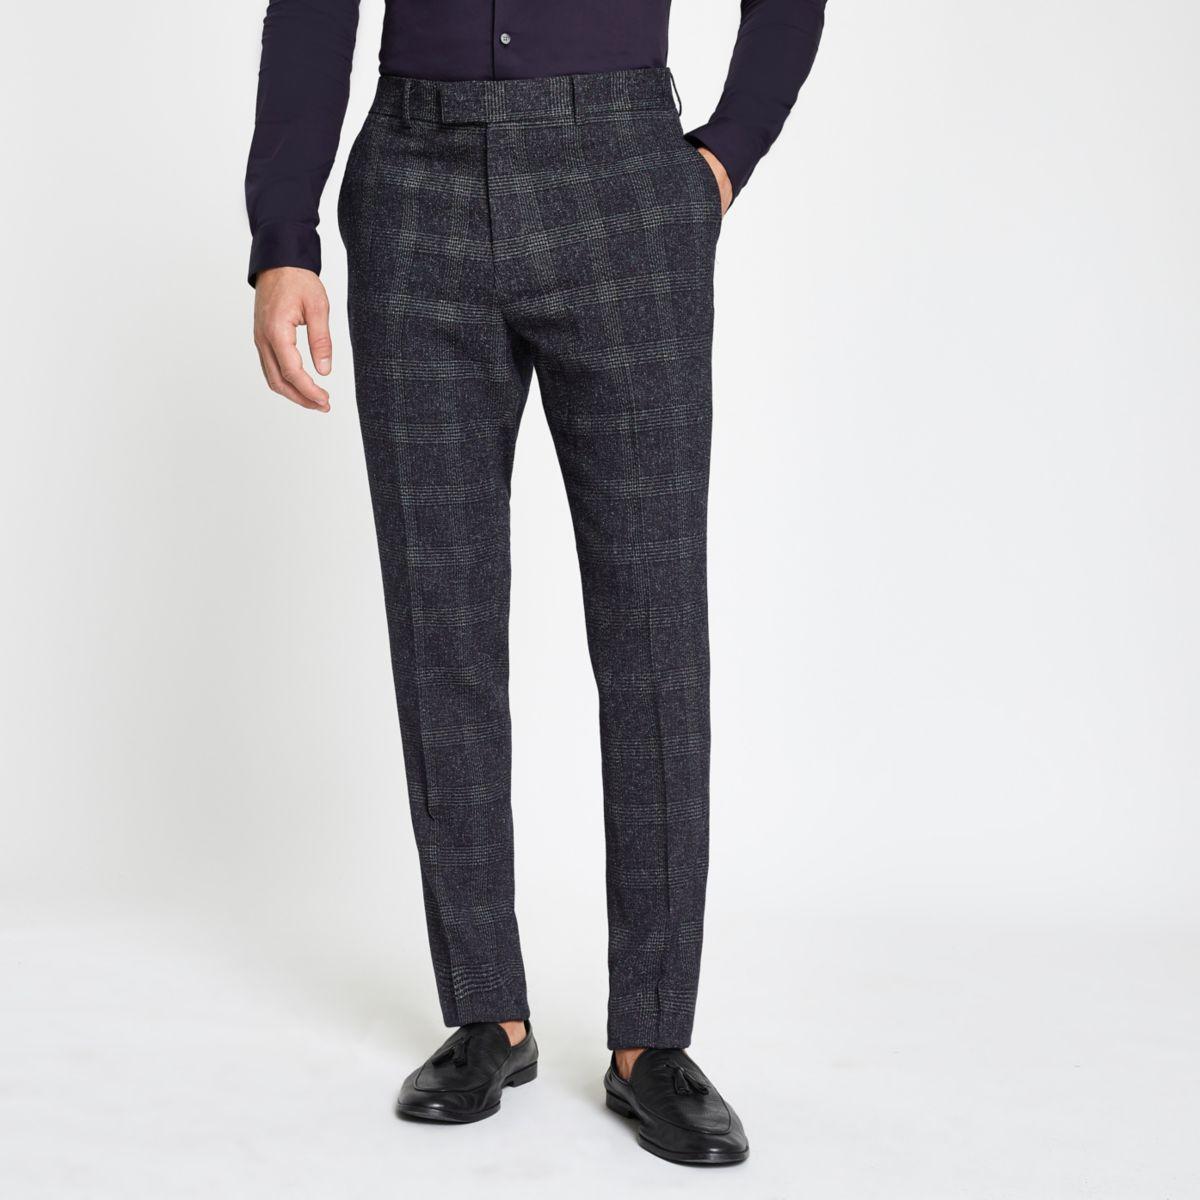 Farah blue check suit pants